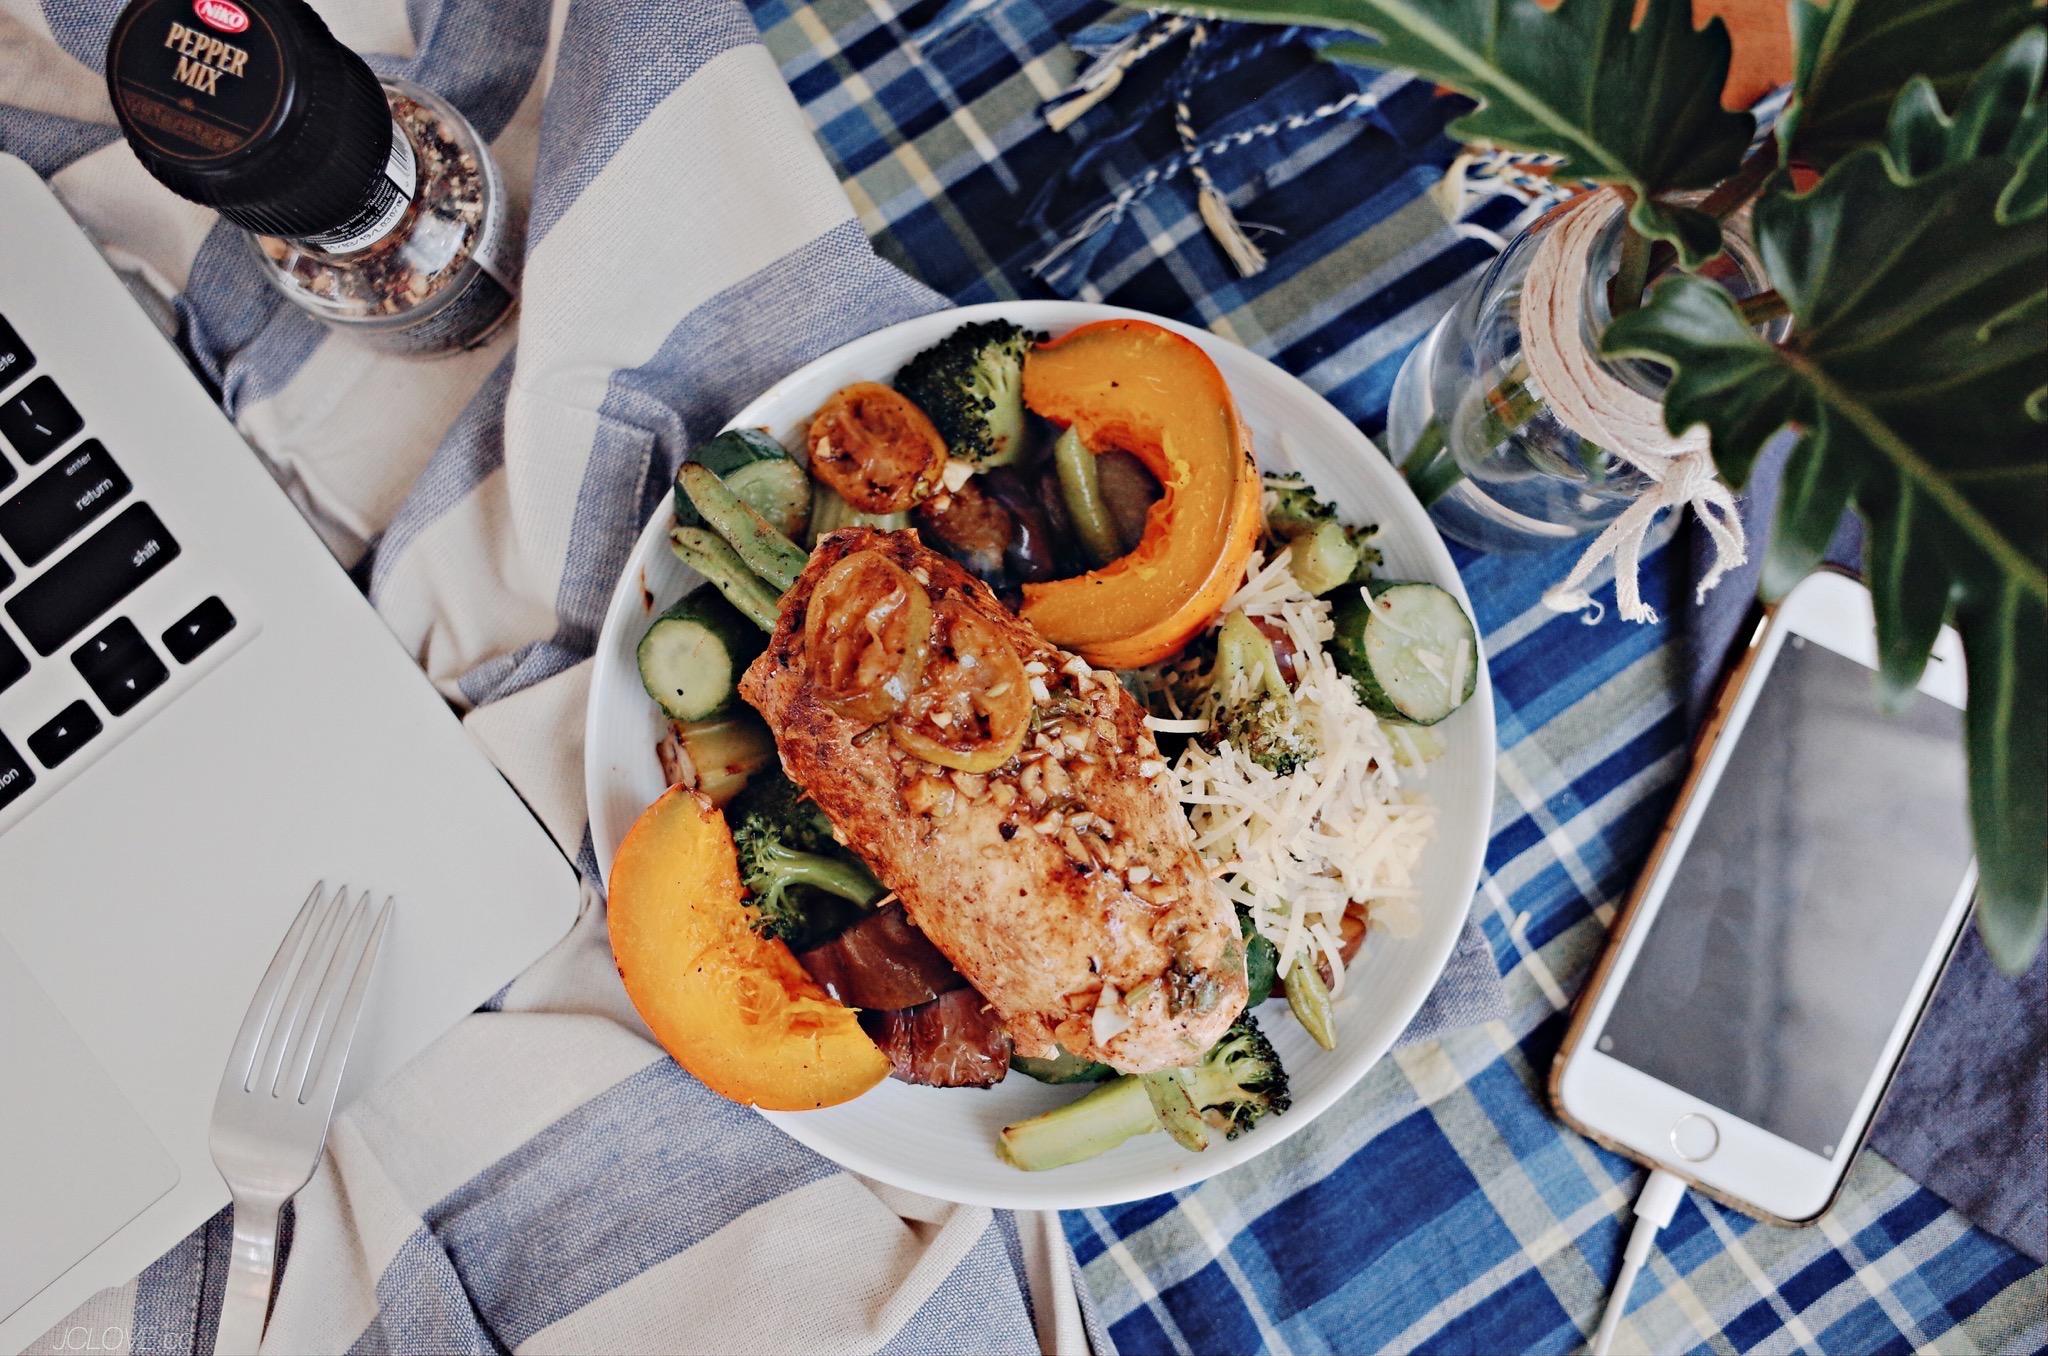 低碳午餐02 - 金桔檸檬大蒜雞胸肉蔬菜捲